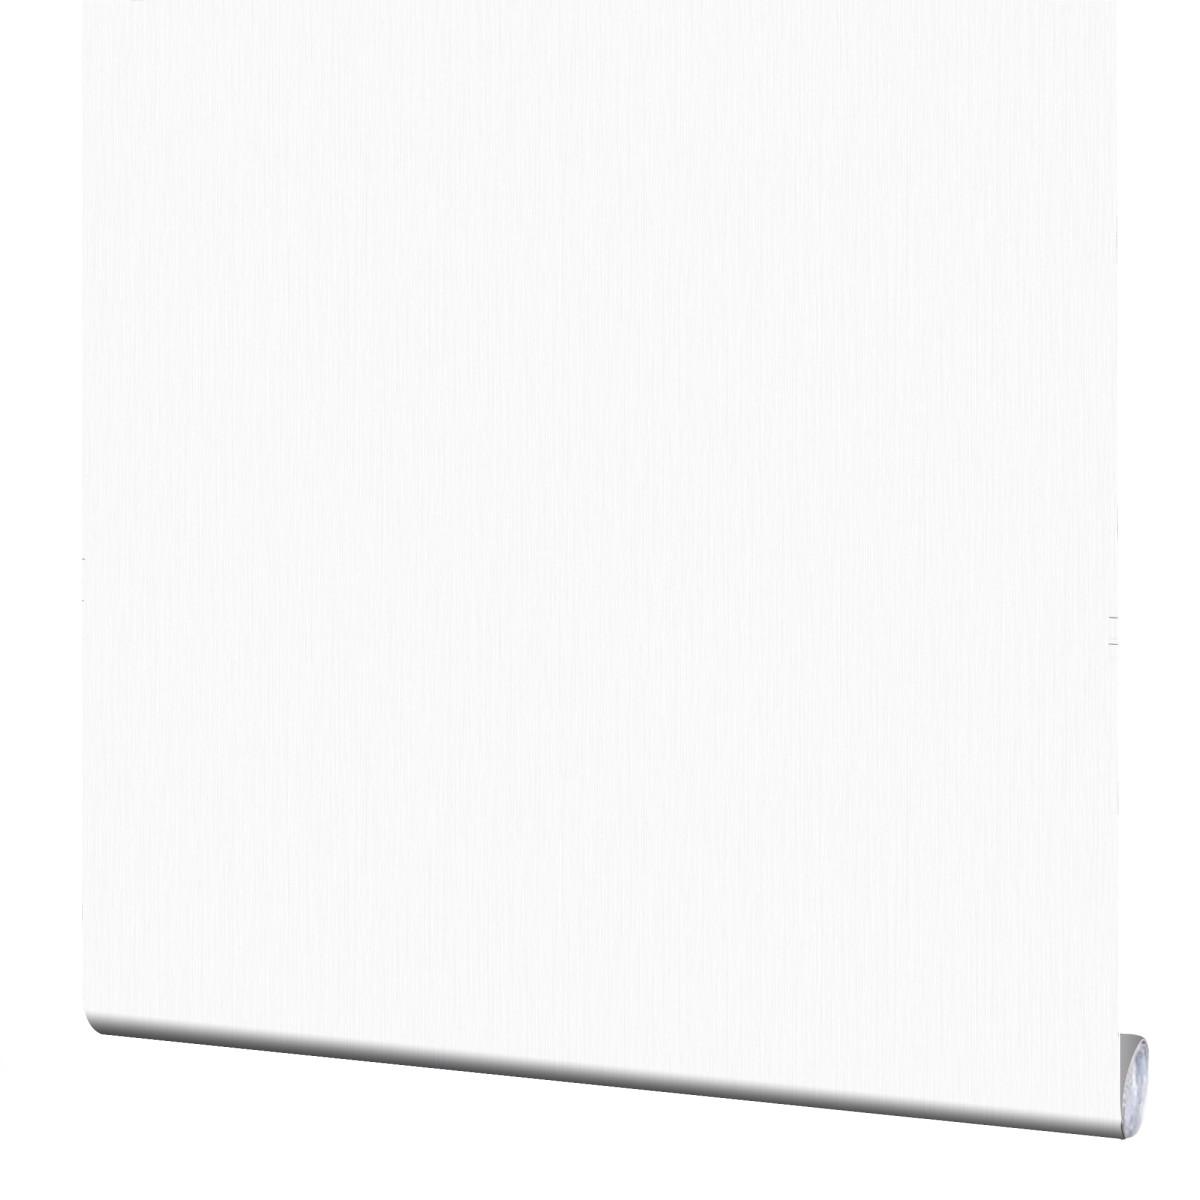 Обои флизелиновые Erismann Elegance белые 1.06 м 4596-2